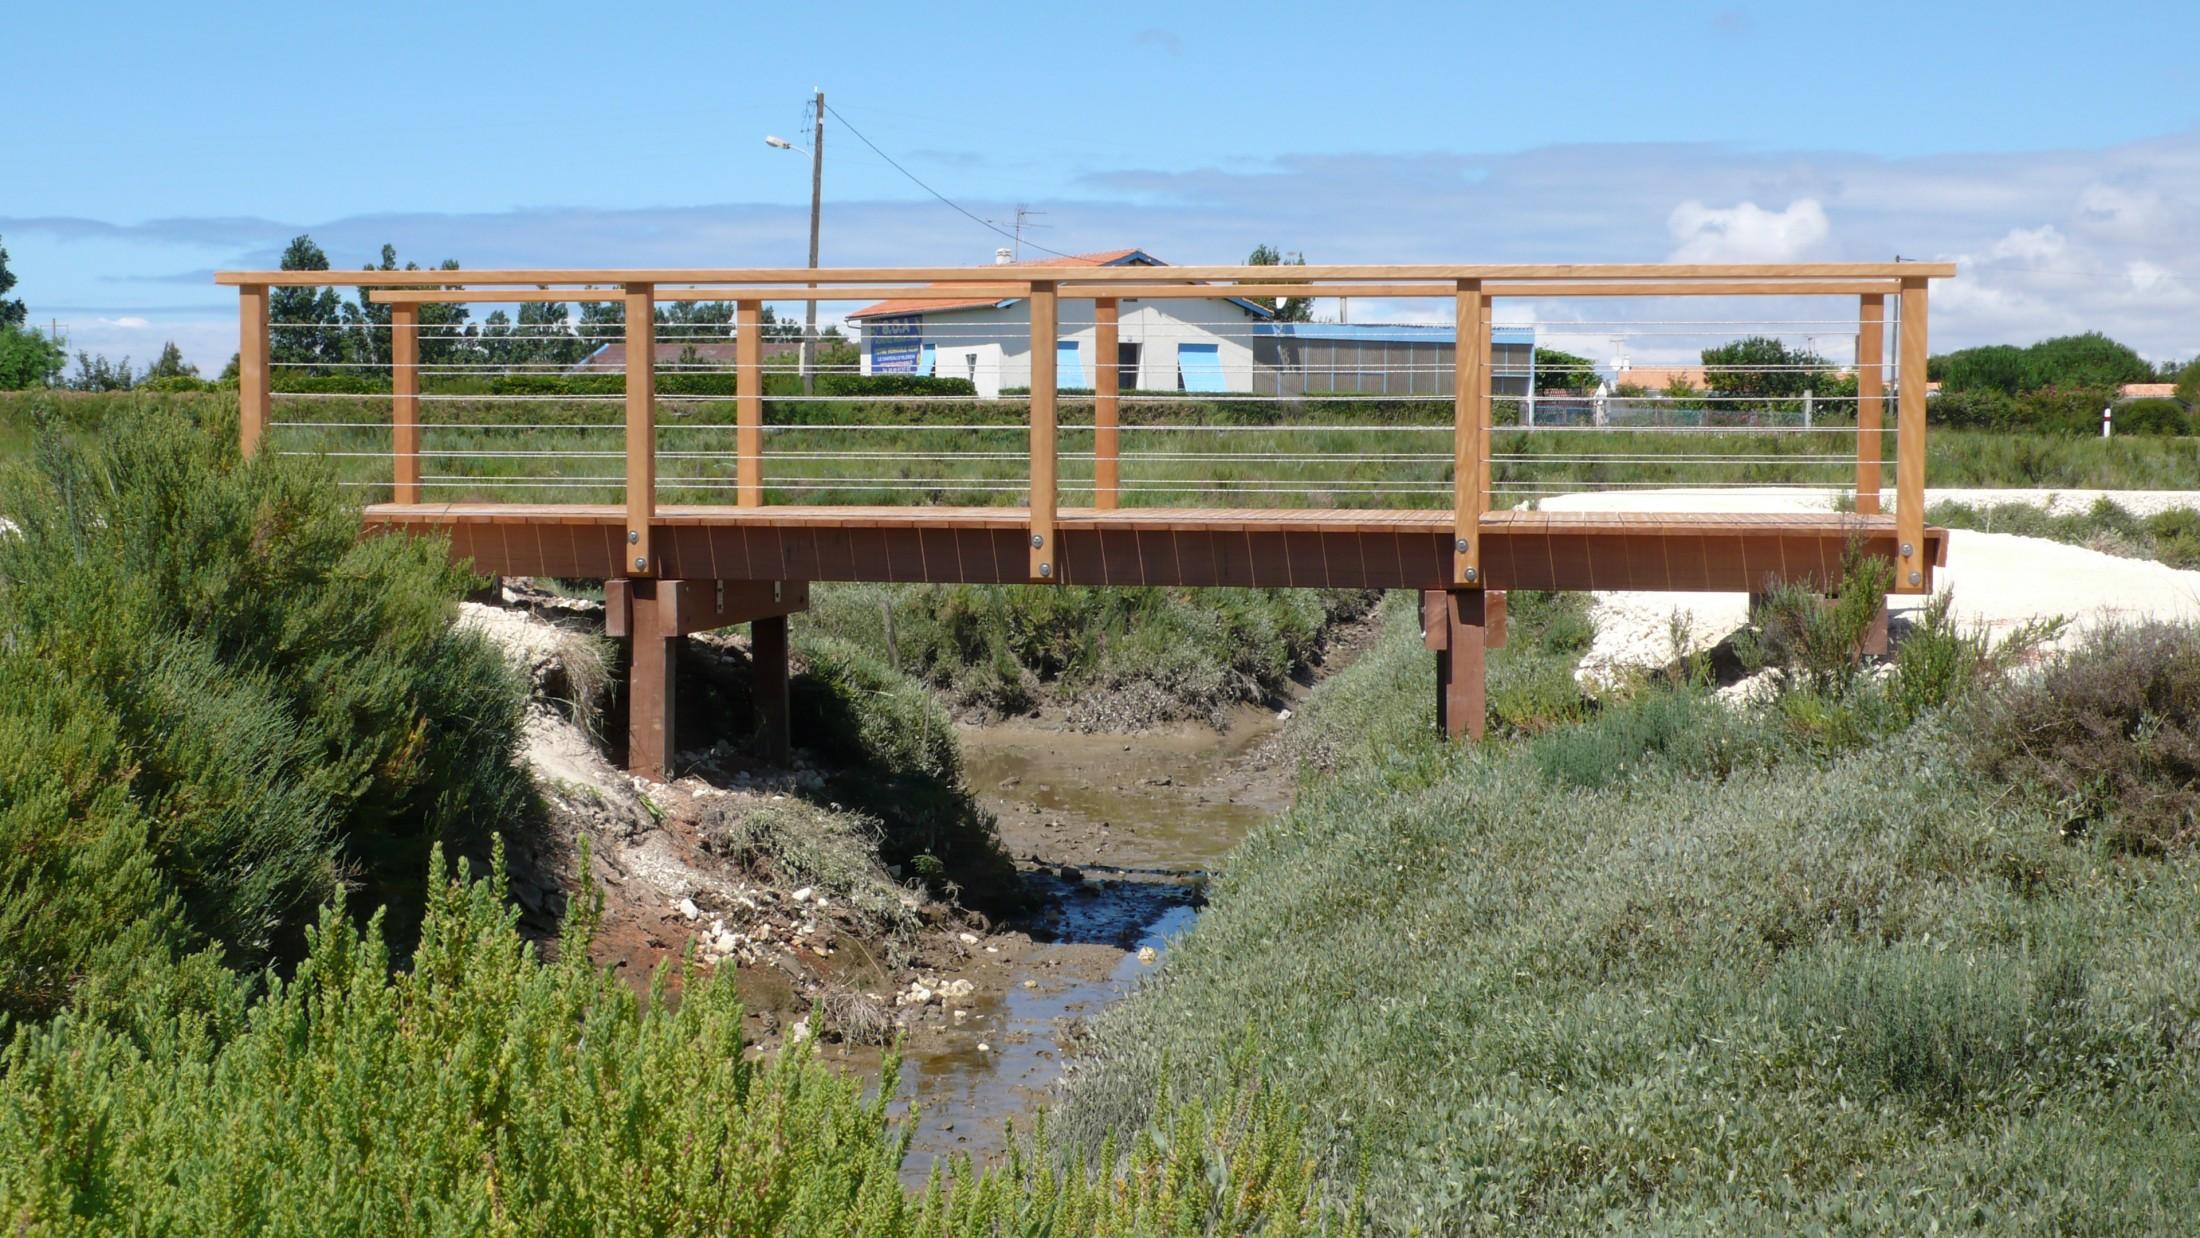 fabricant de passerelle pont en bois public sle. Black Bedroom Furniture Sets. Home Design Ideas